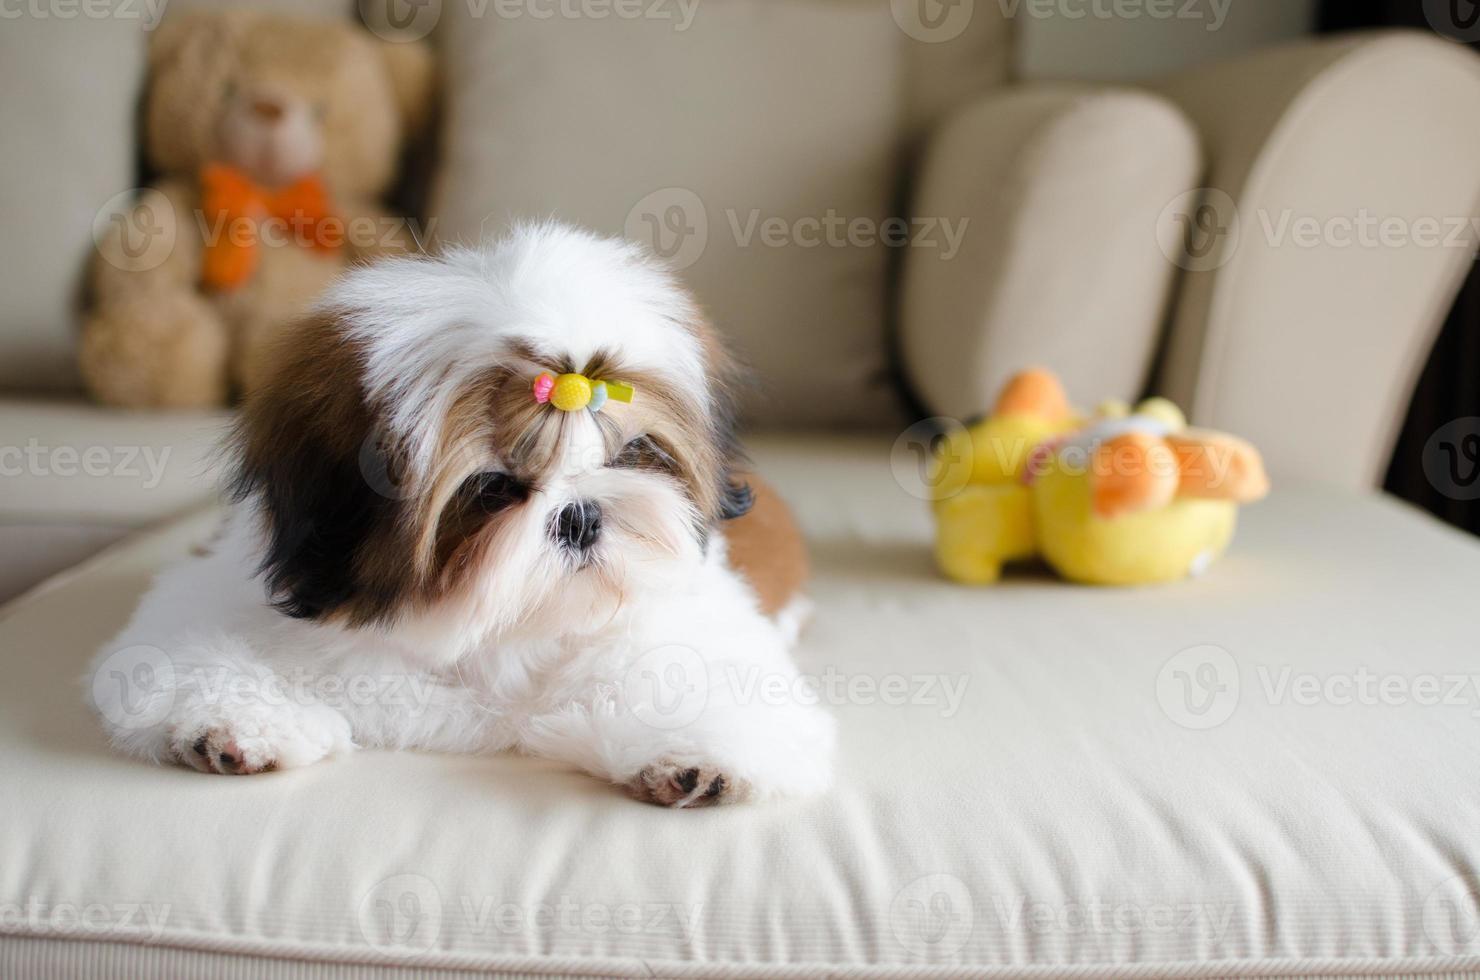 schattige shih tzu puppy zit gehurkt op de bank foto